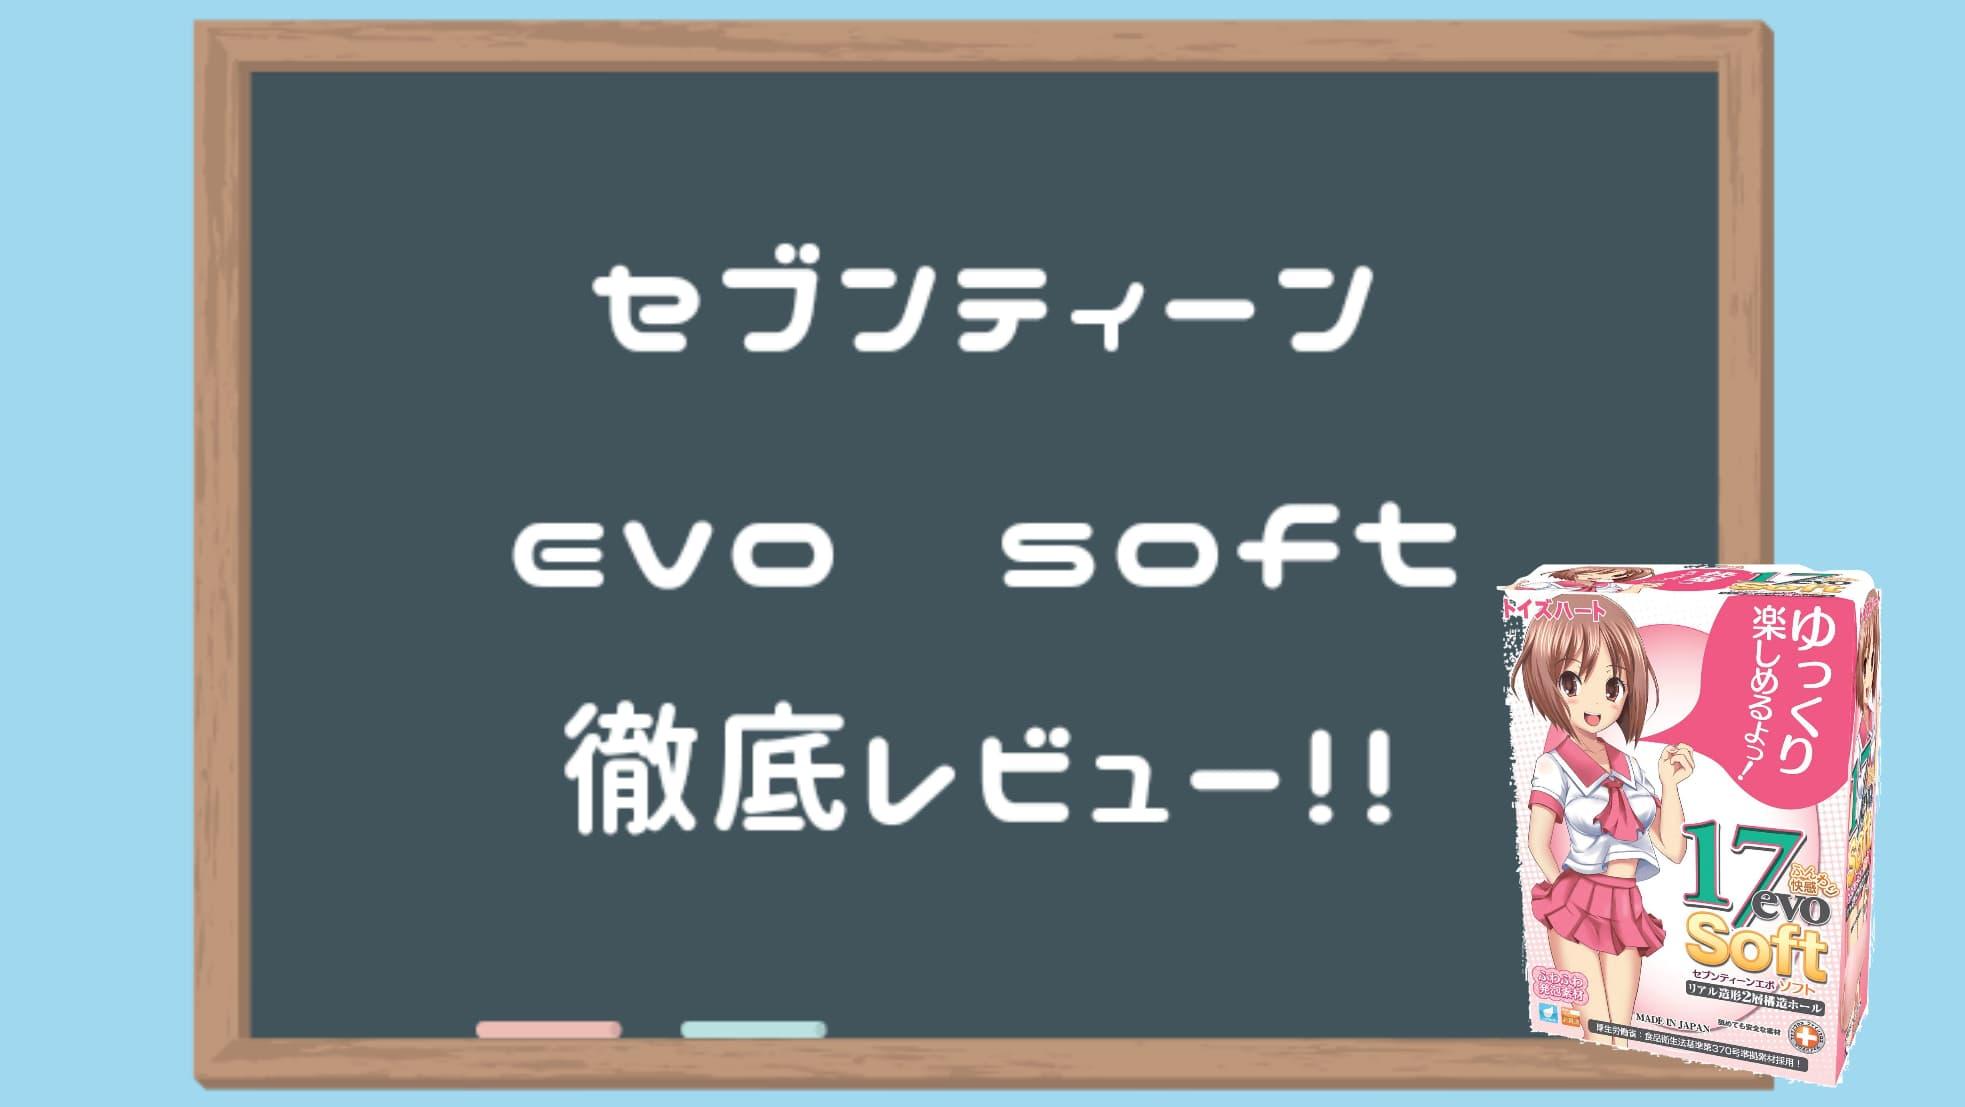 セブンティーンevo Soft(エボ ソフト)を徹底レビュー